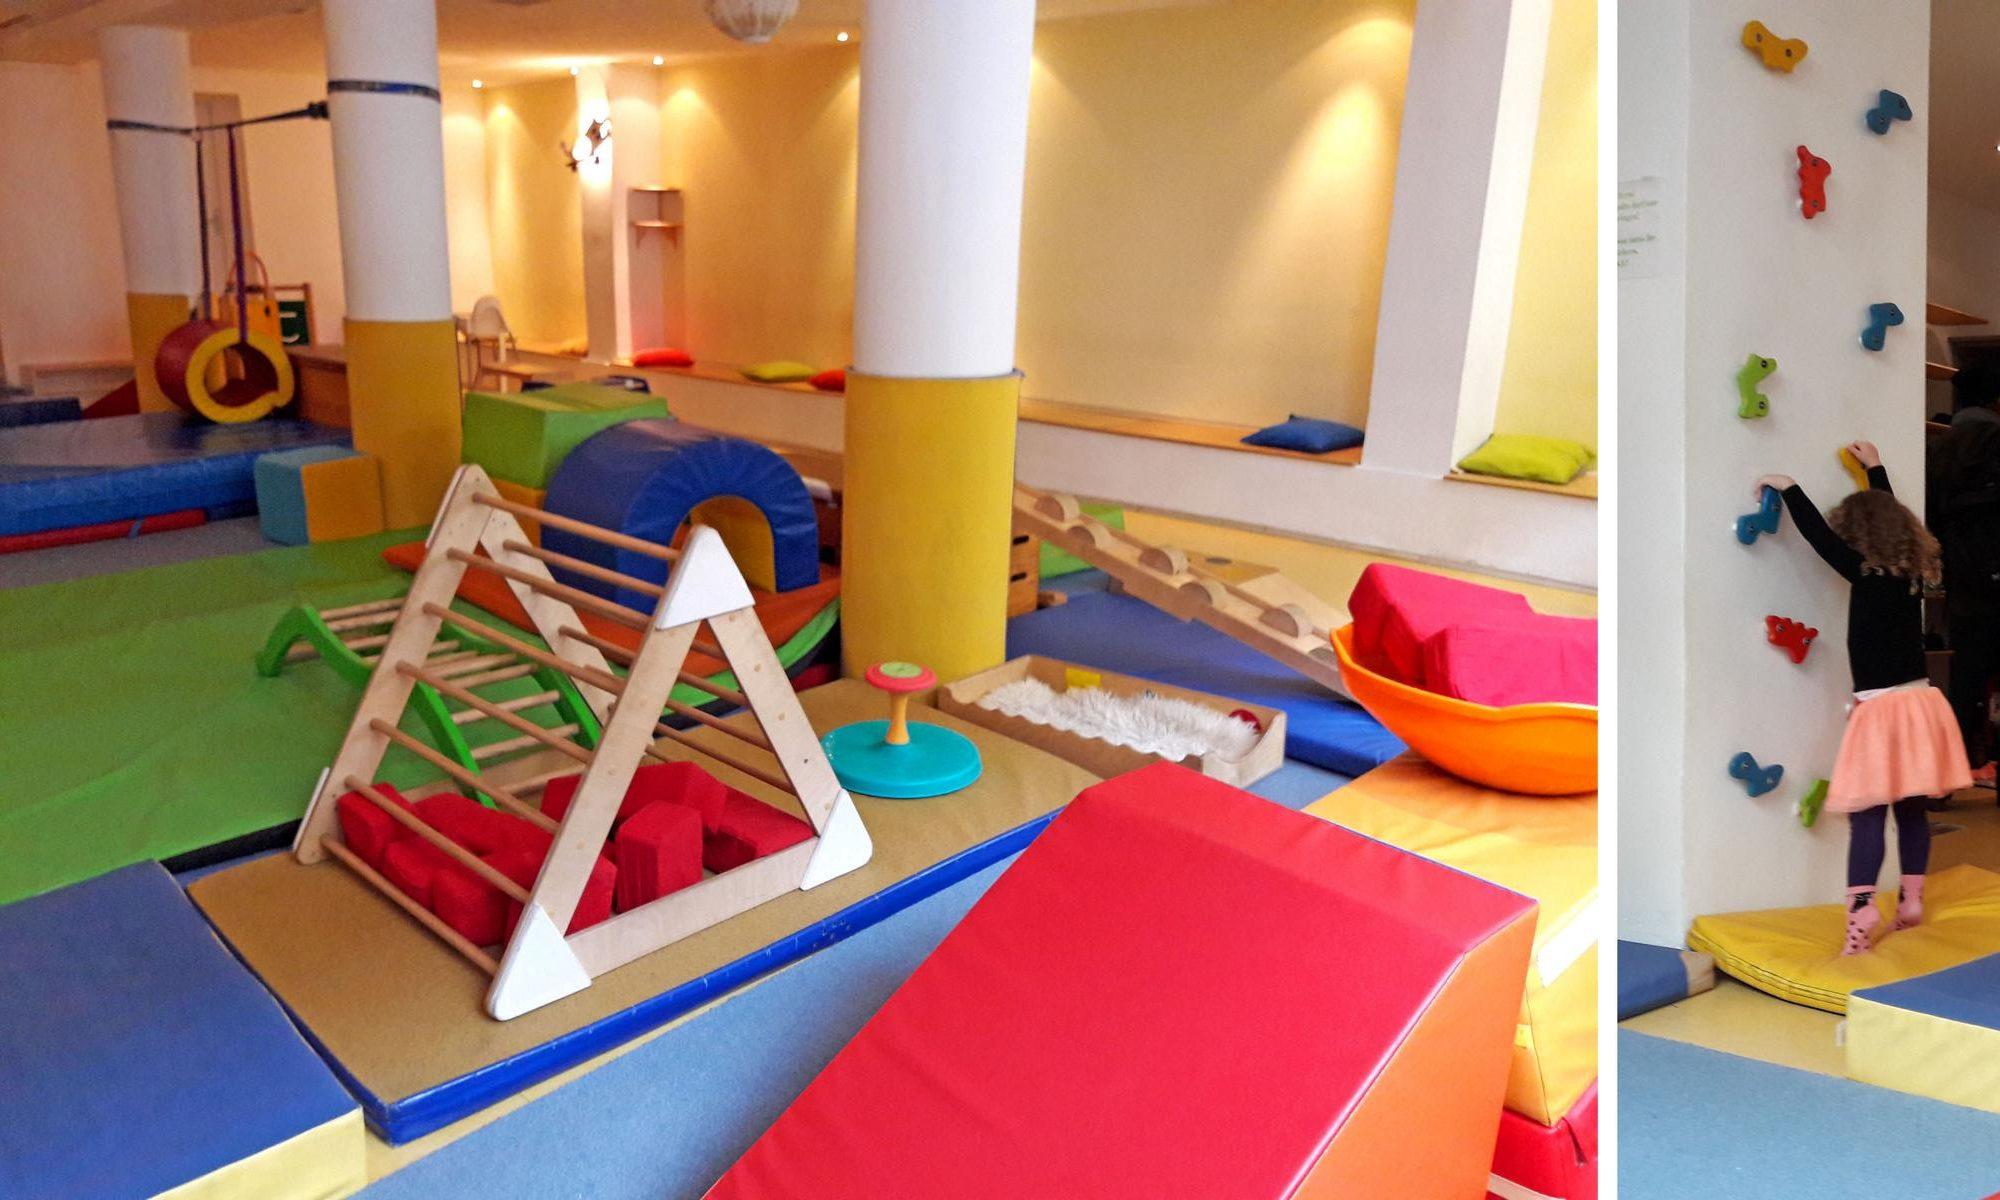 Kleinkind Klettert Dreieck : Das turncafe in münchen: kletter und spielparadies für babys